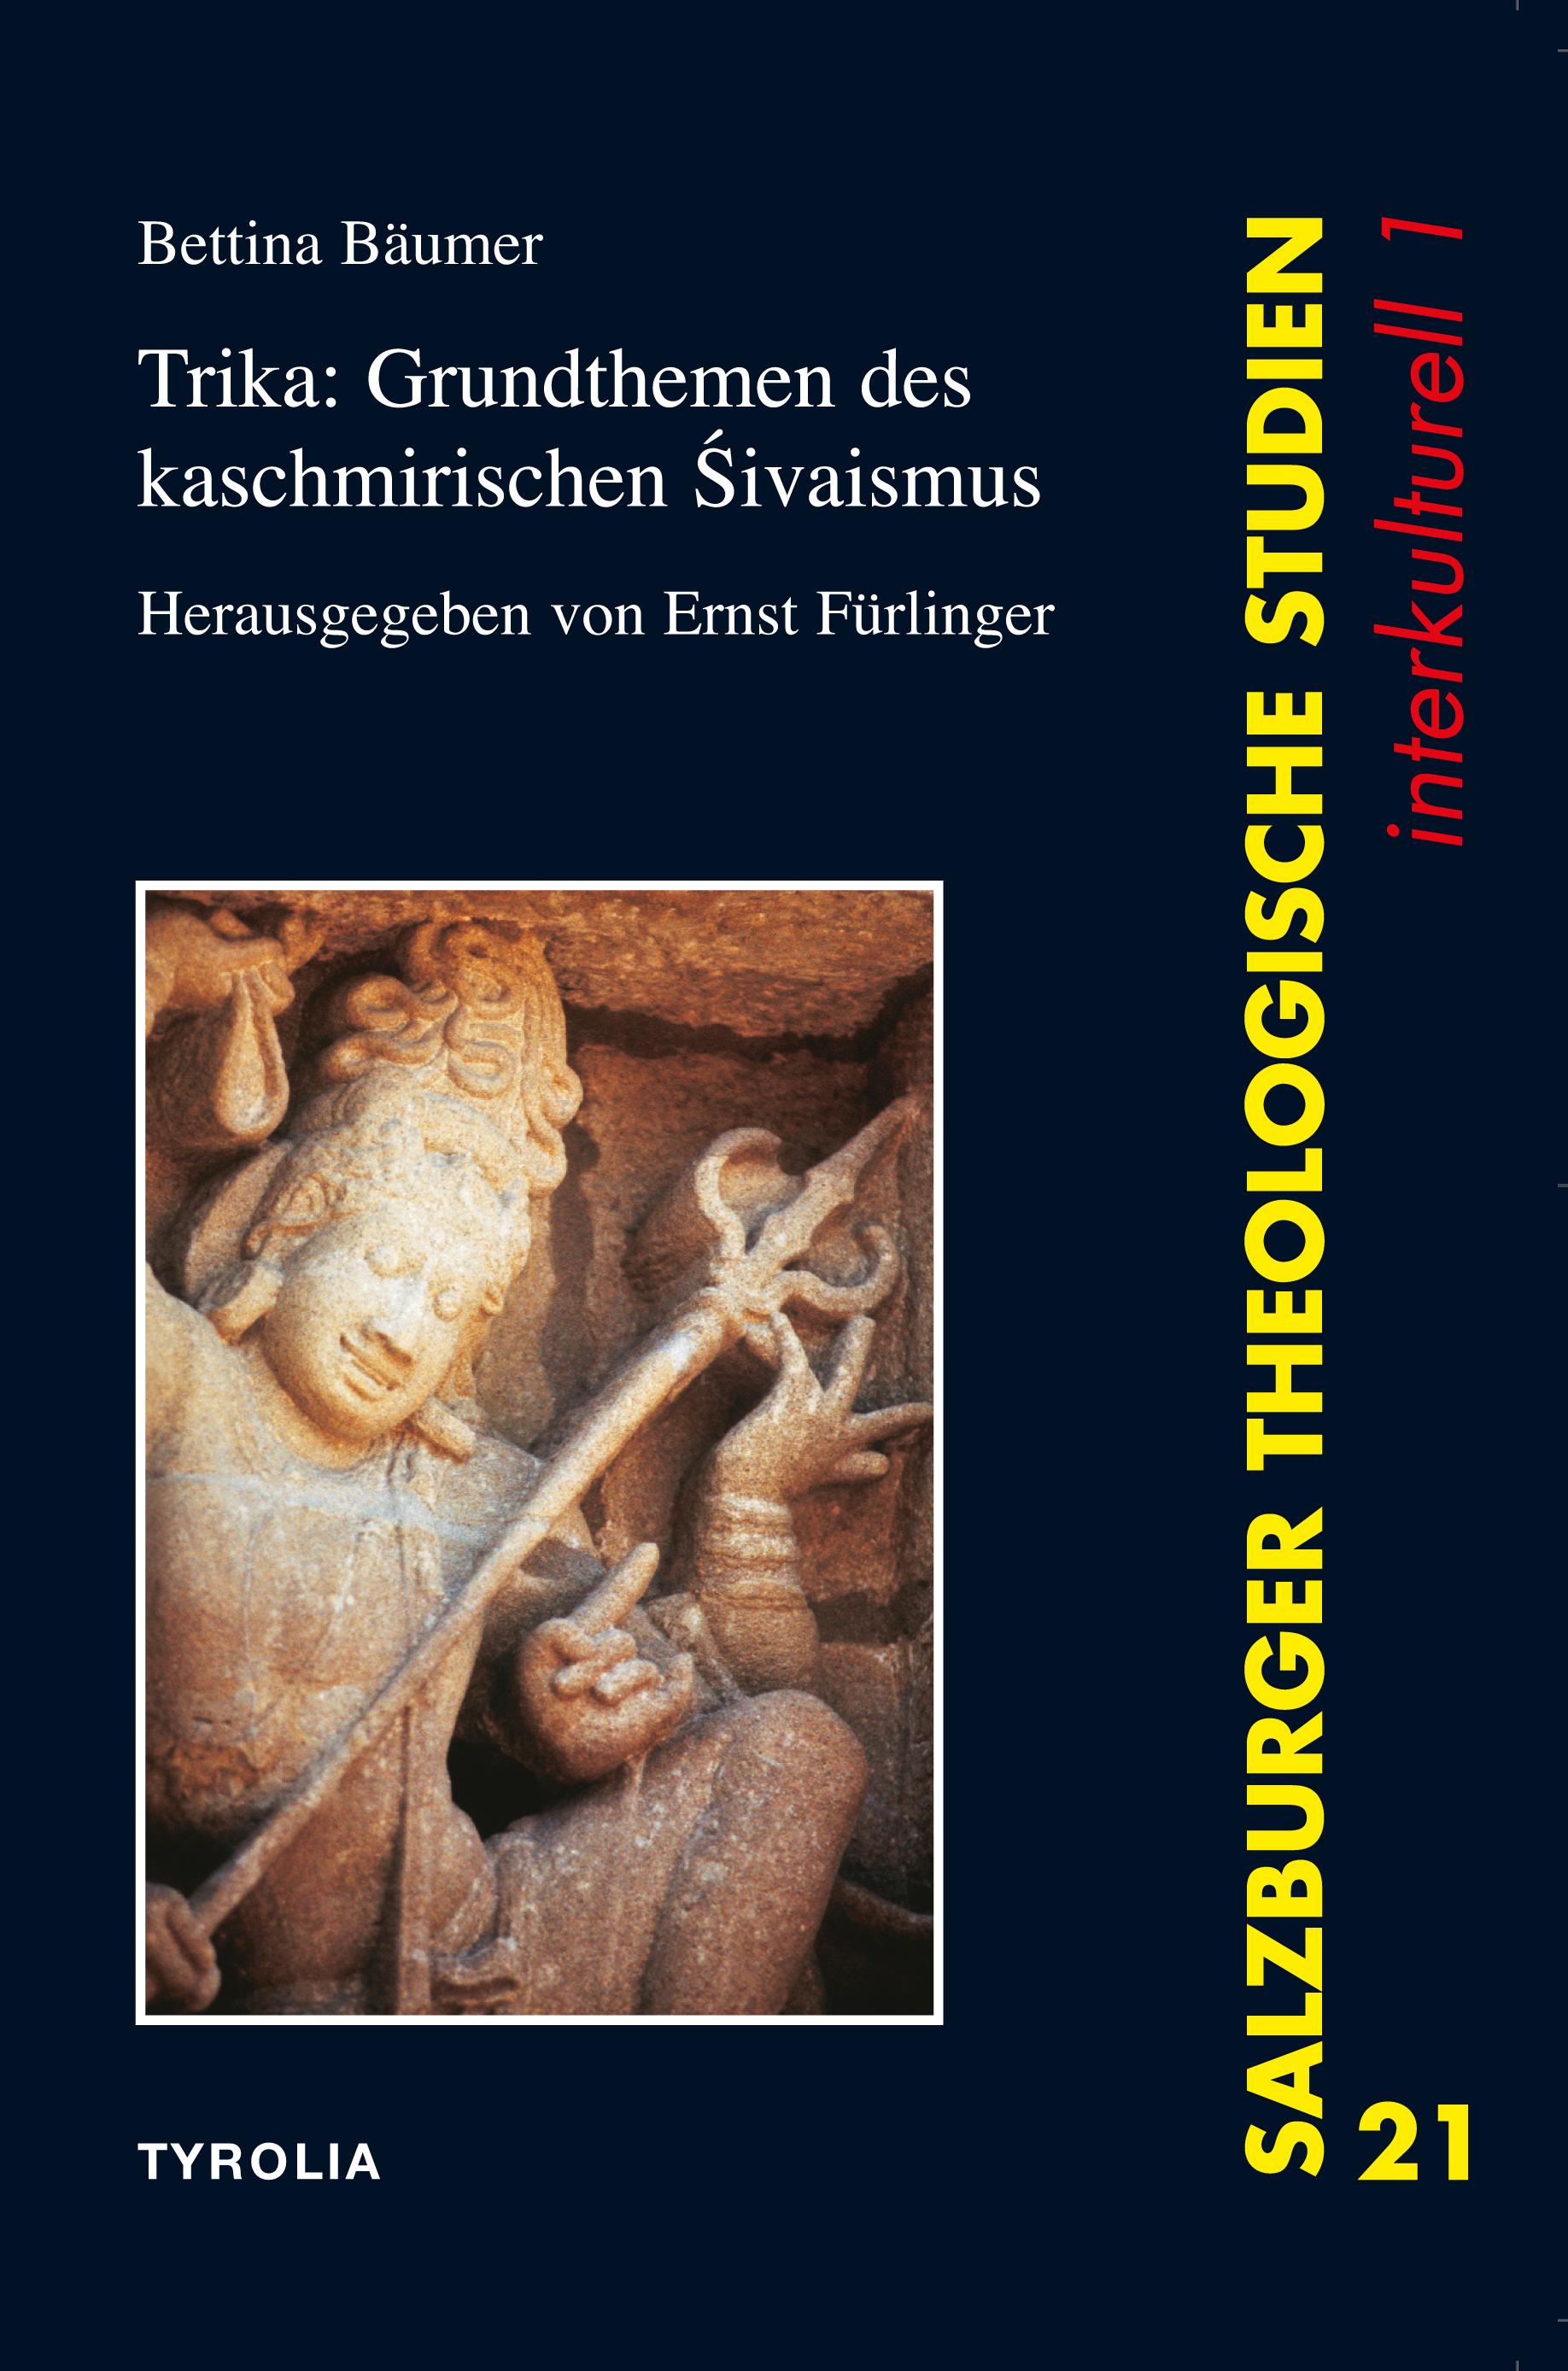 цена на Bettina Baumer Trika: Grundthemen des Kaschmirischen Sivaismus